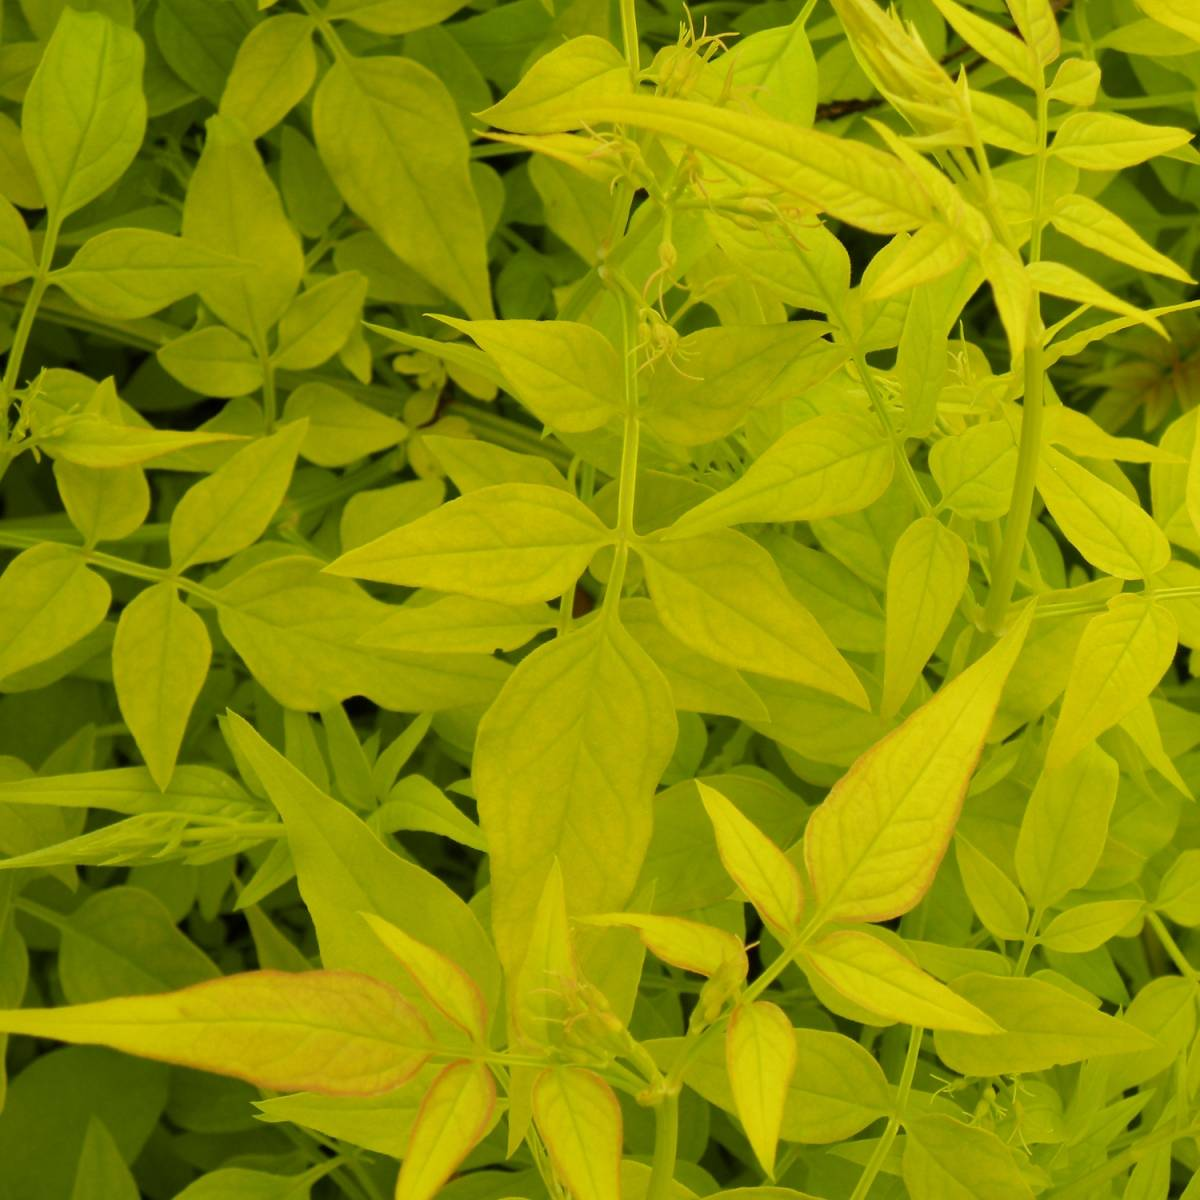 Fleurs fan es jasmin id e d 39 image de fleur - Jasmin blanc d hiver ...